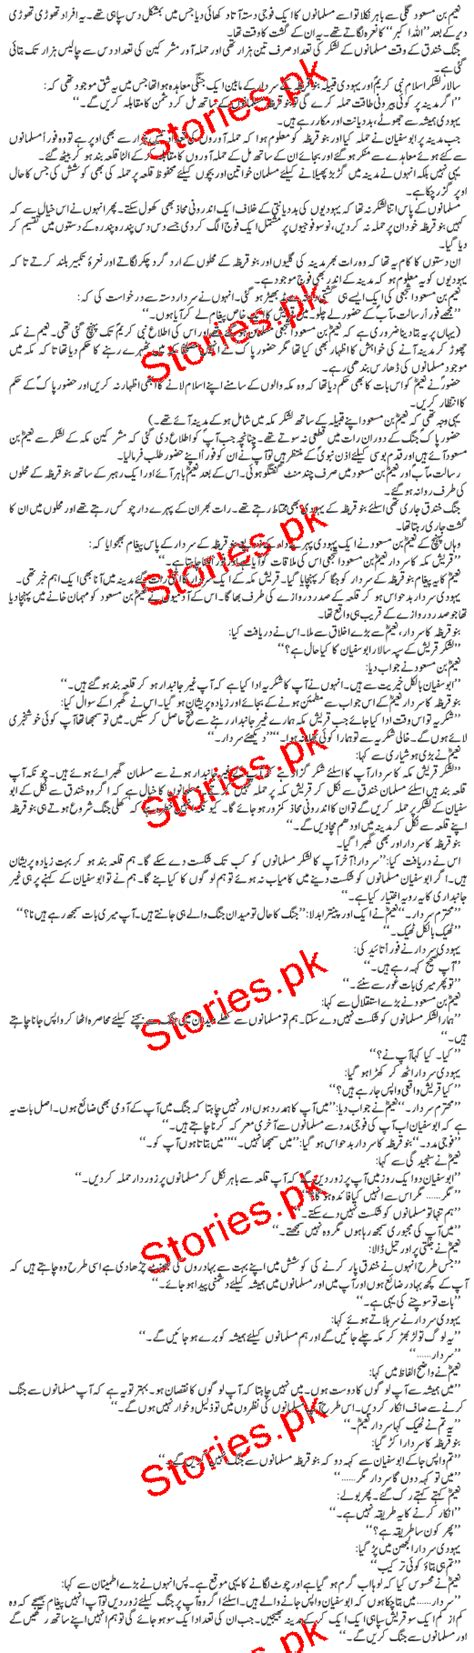 yum store in urdu font picture 13